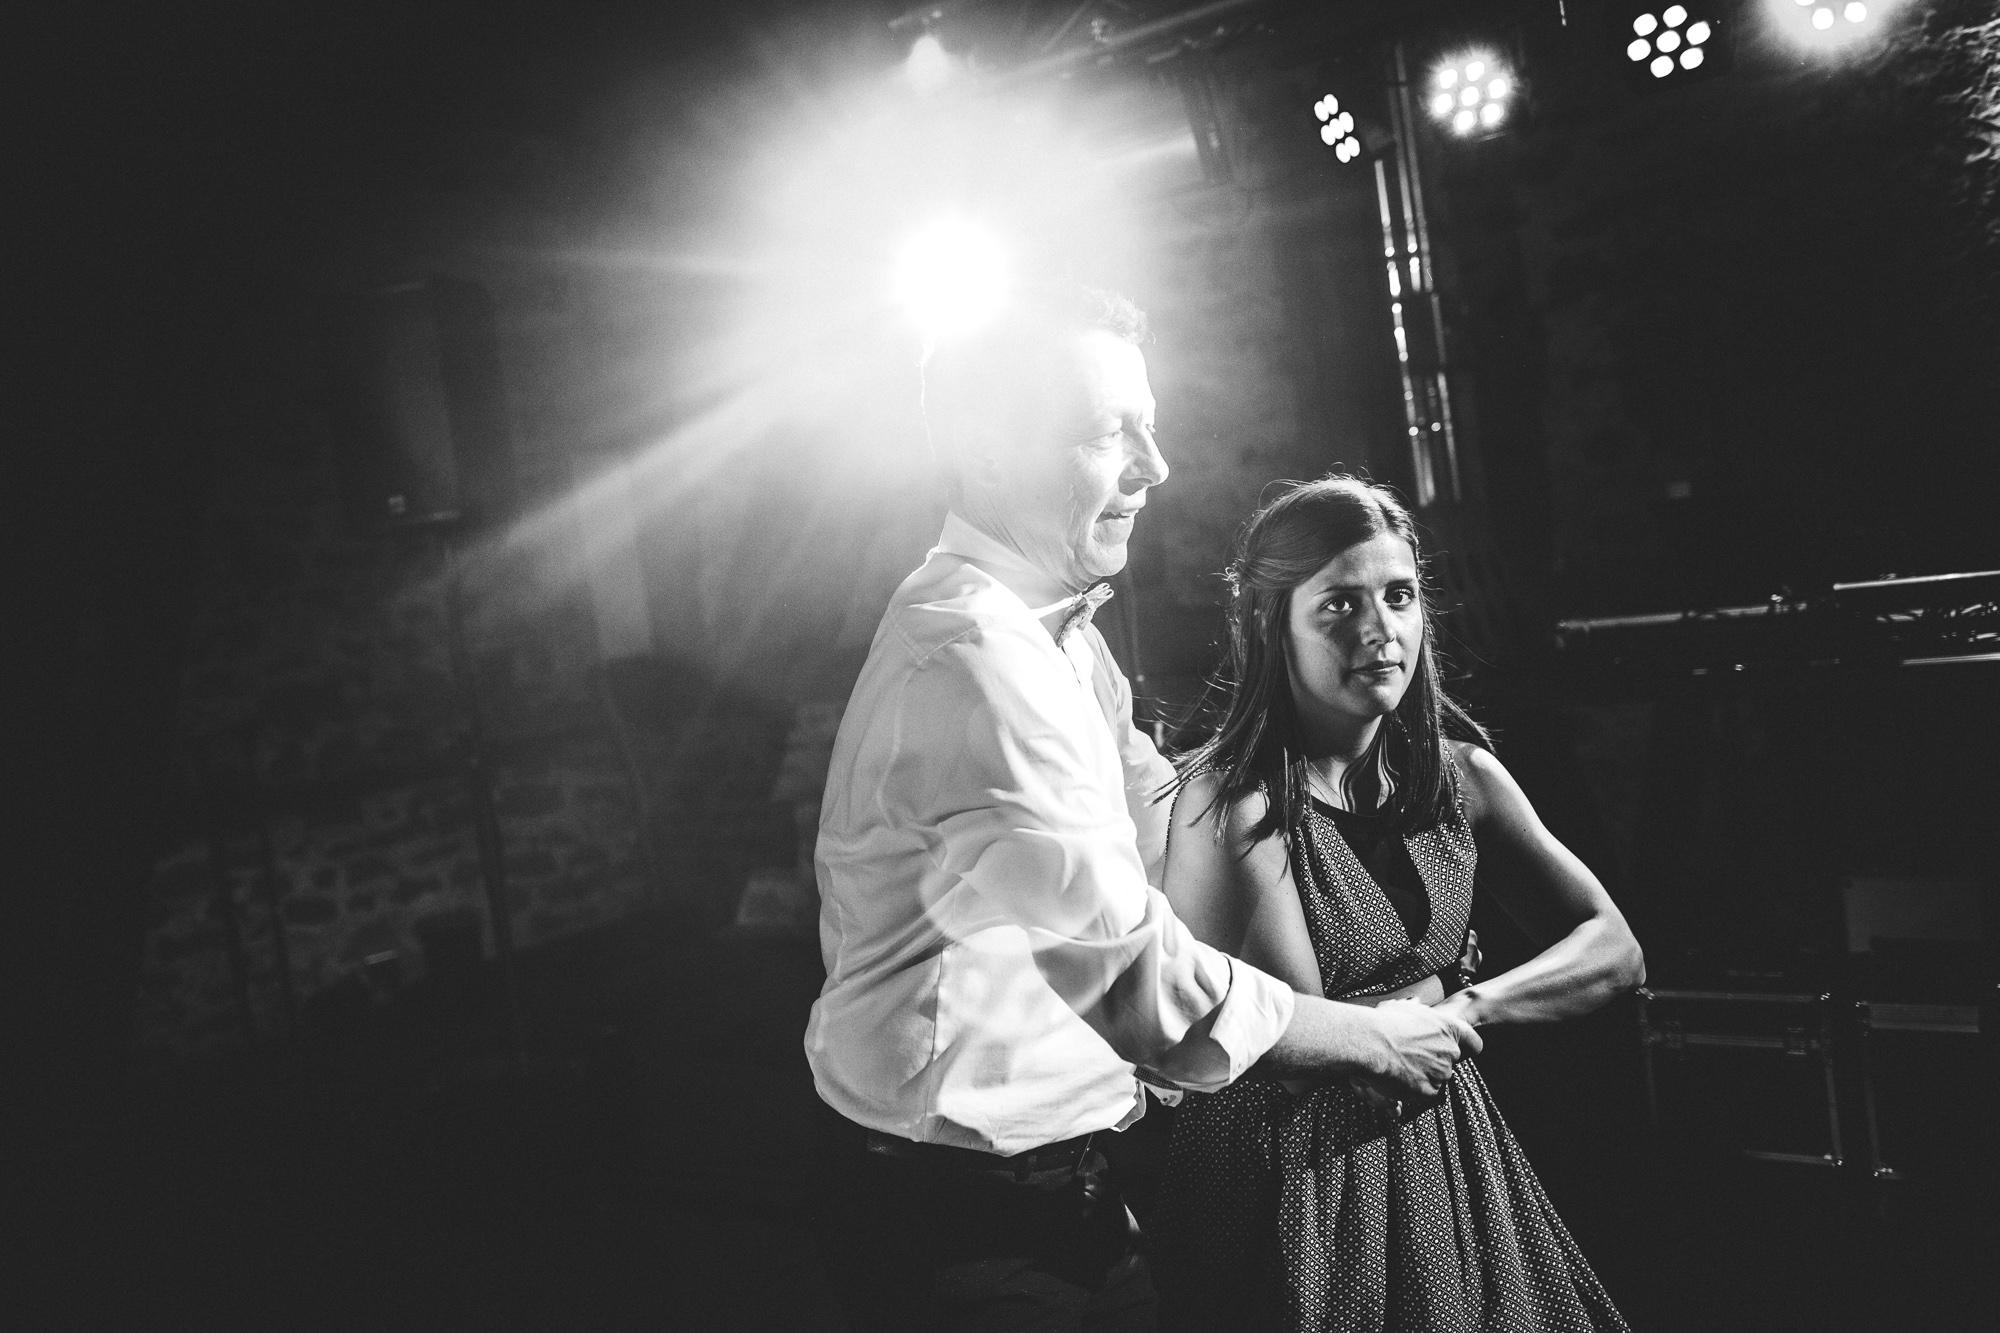 annethomas 520 - Hochzeit im wunderschönen Ladenburg in Eichenstolz